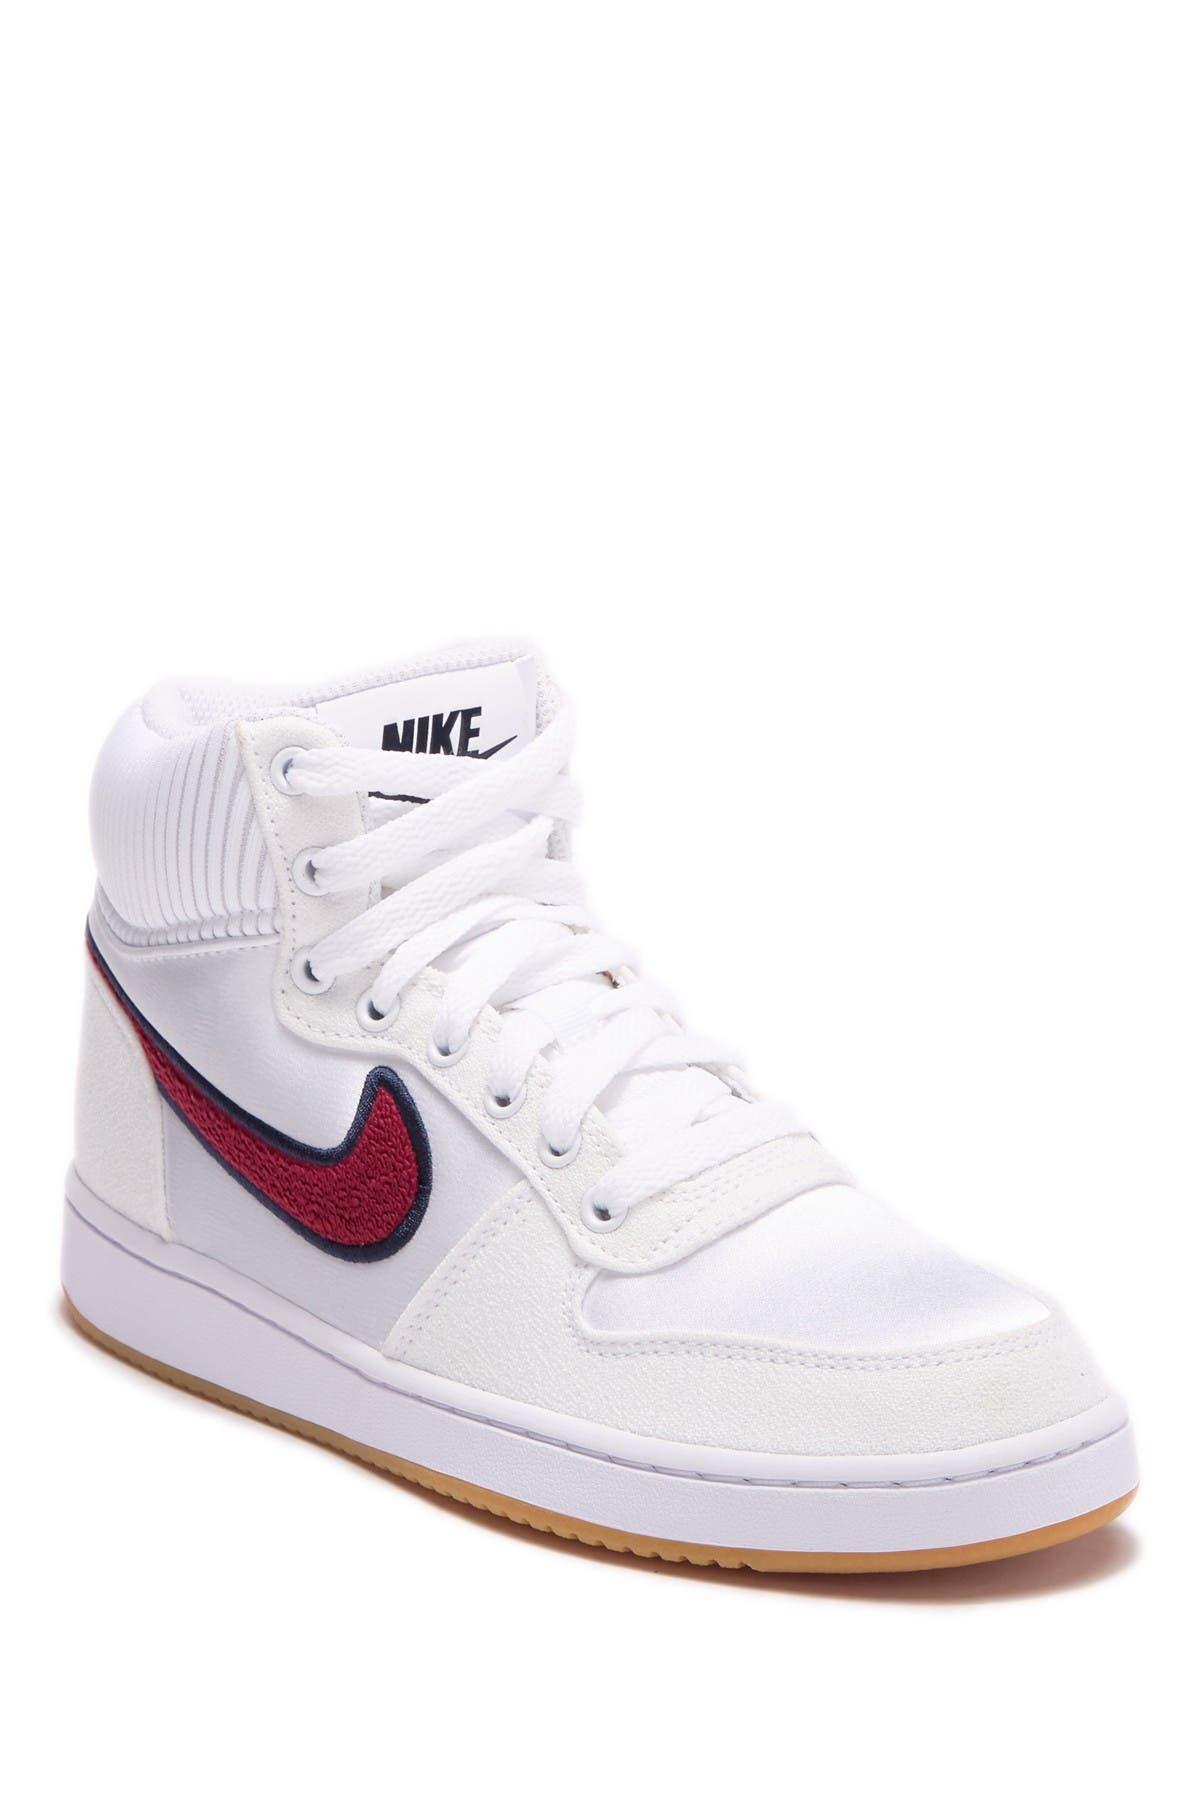 Nike | Ebernon High Top Sneaker